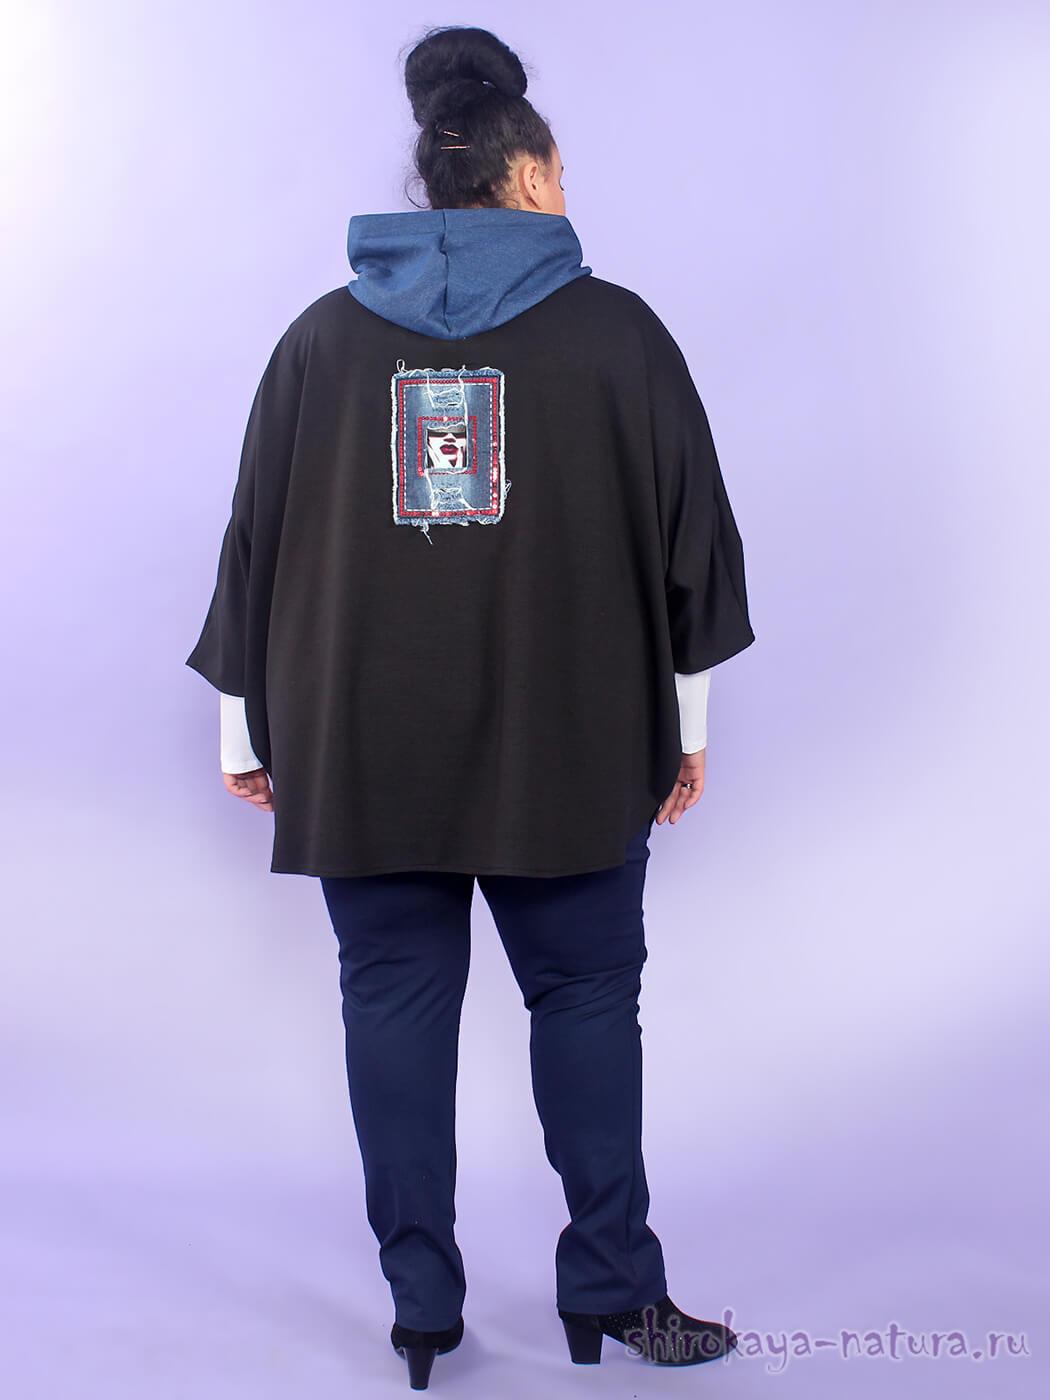 Куртка из футера Мистраль